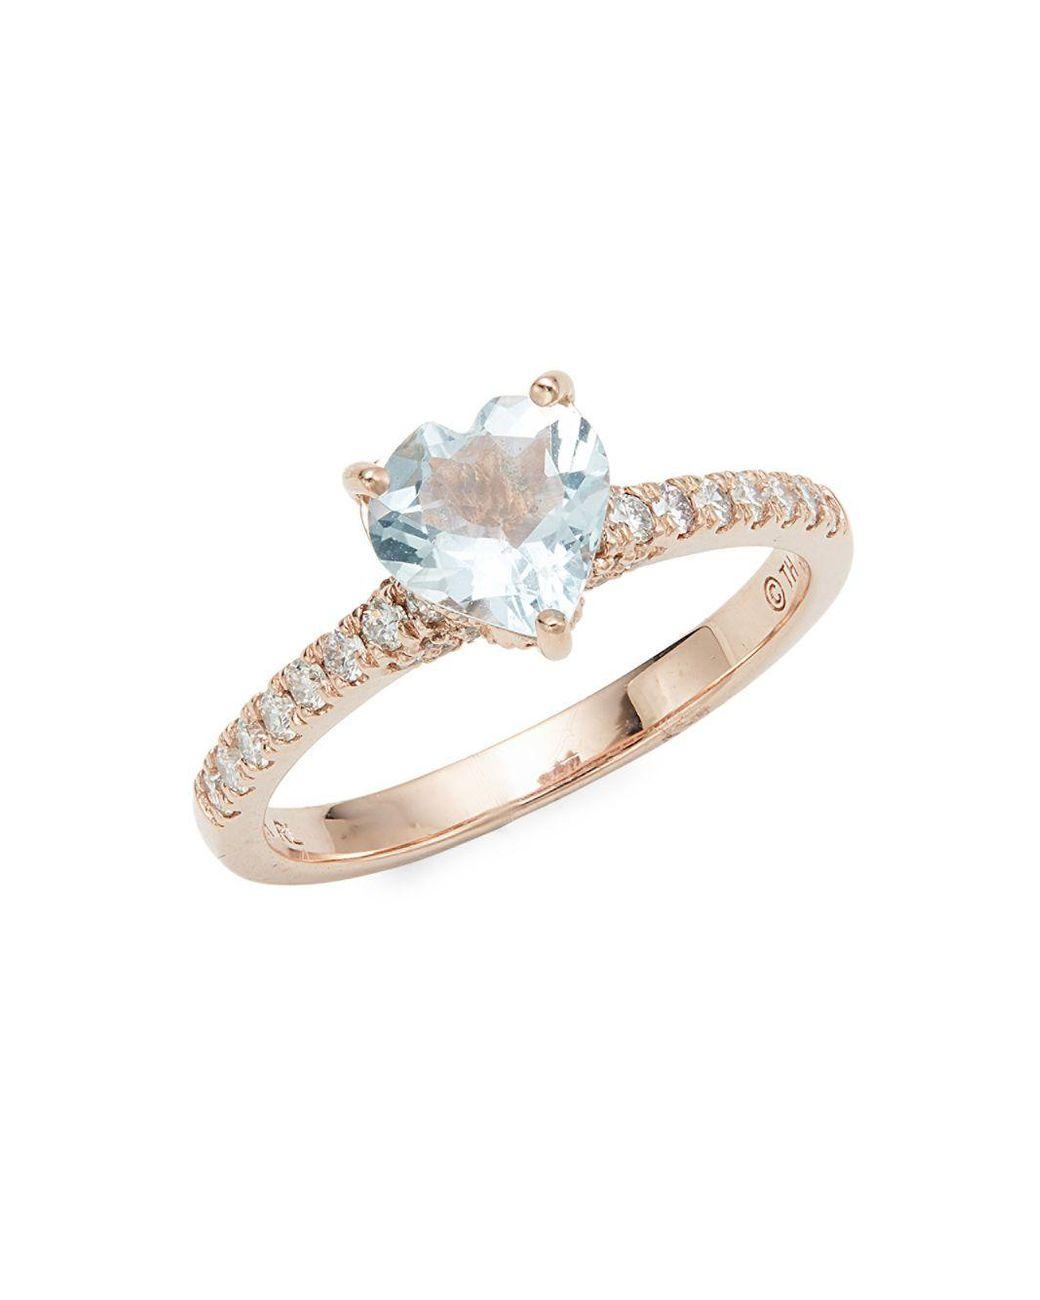 912f31e5fa0c5 Lyst - Saks Fifth Avenue 14k Rose Gold, Aquamarine & Diamond Heart ...